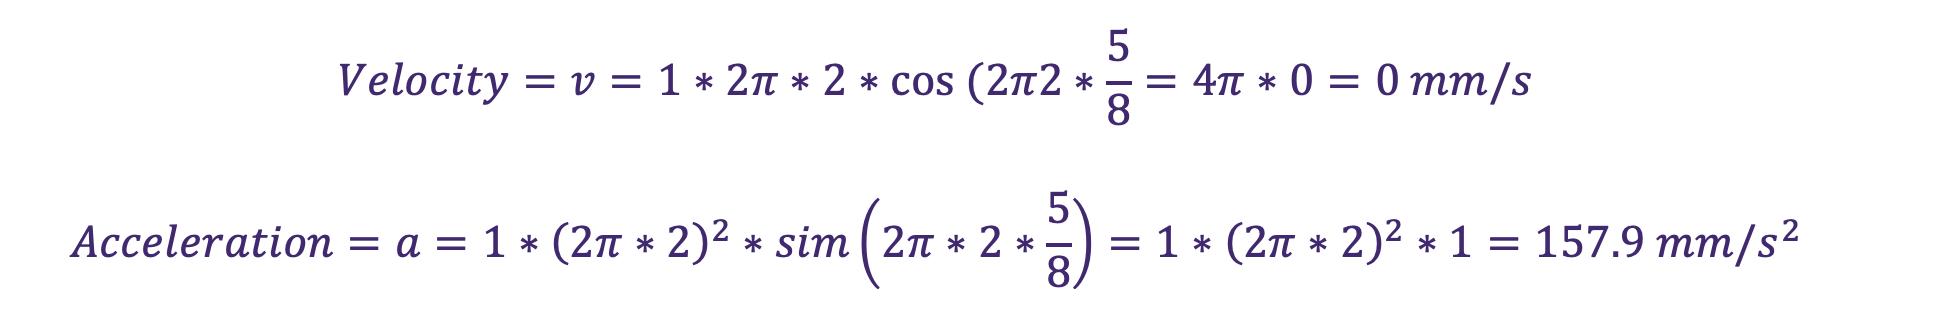 Vibration monitoring equation 12